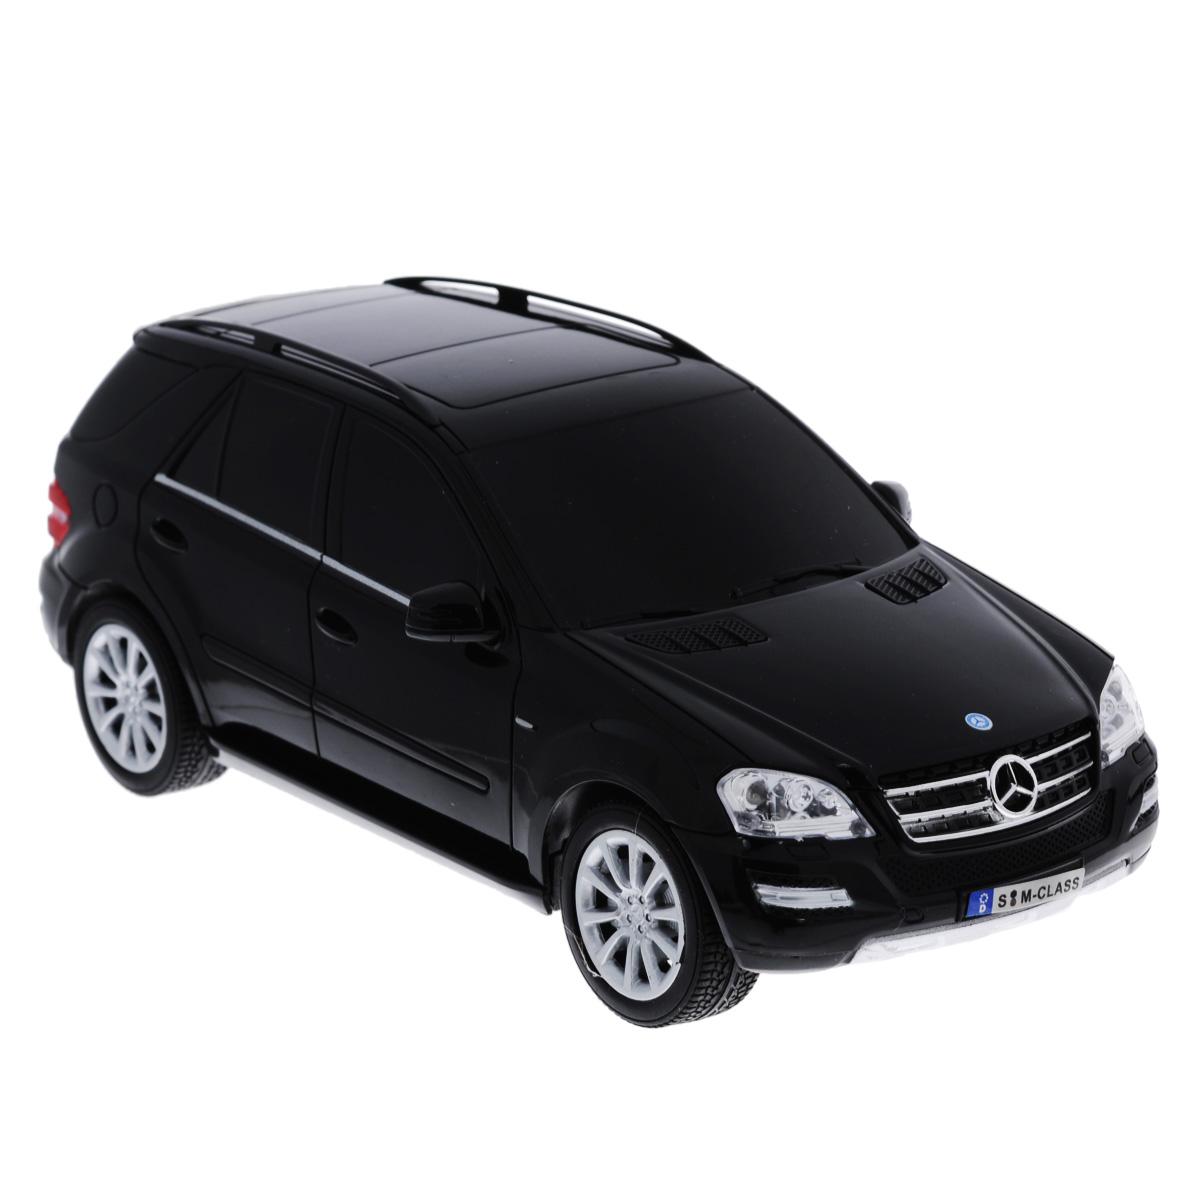 TopGear Радиоуправляемая модель Mercedes-Benz M350 цвет черный масштаб 1:24Т56686_черный